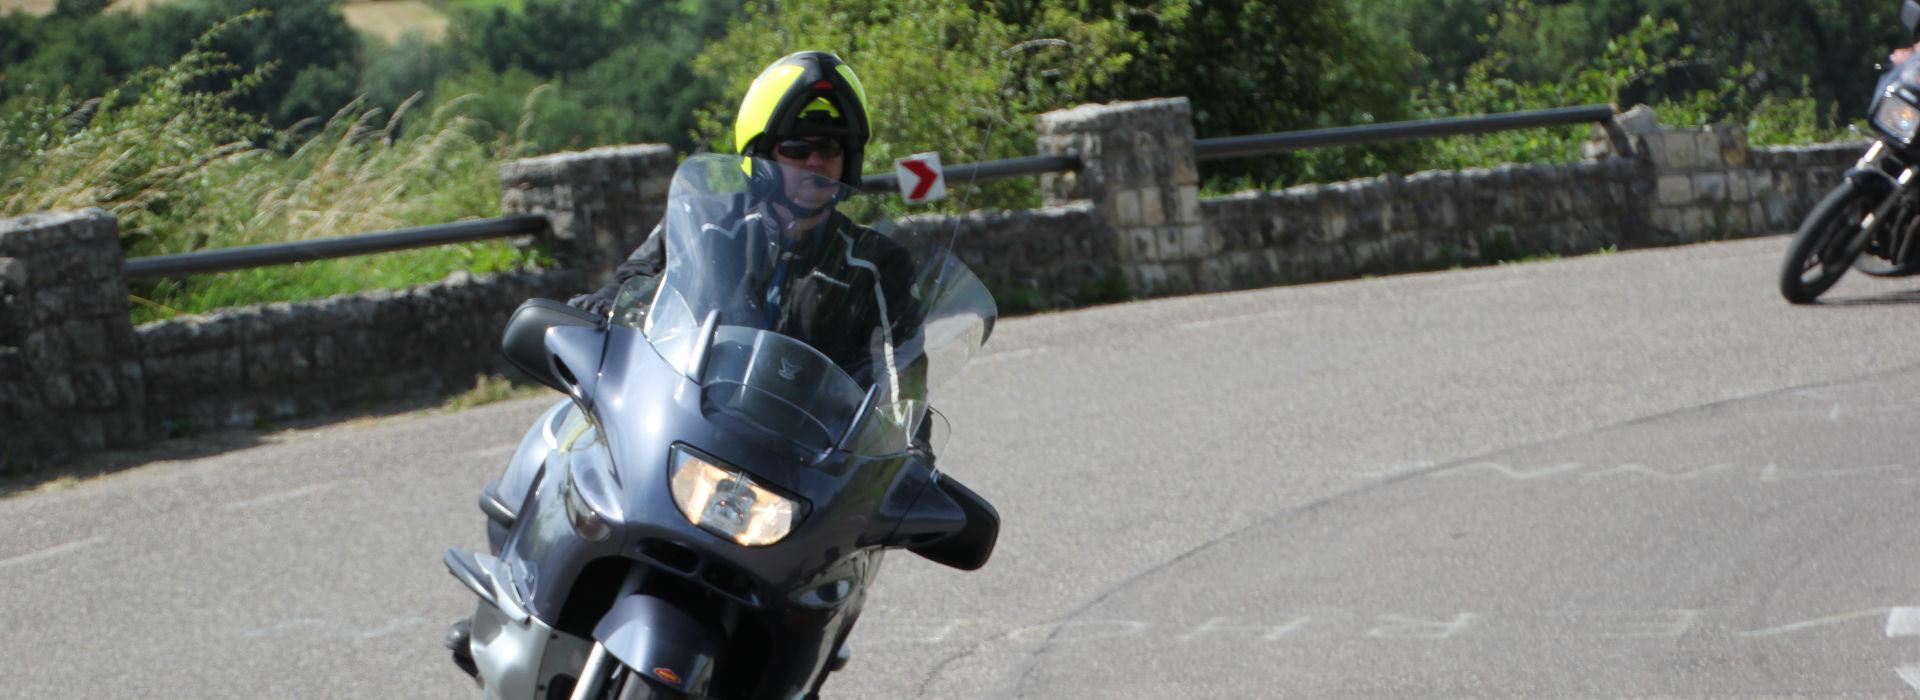 Motorrijbewijspoint Schoonebeek spoed motorrijbewijs